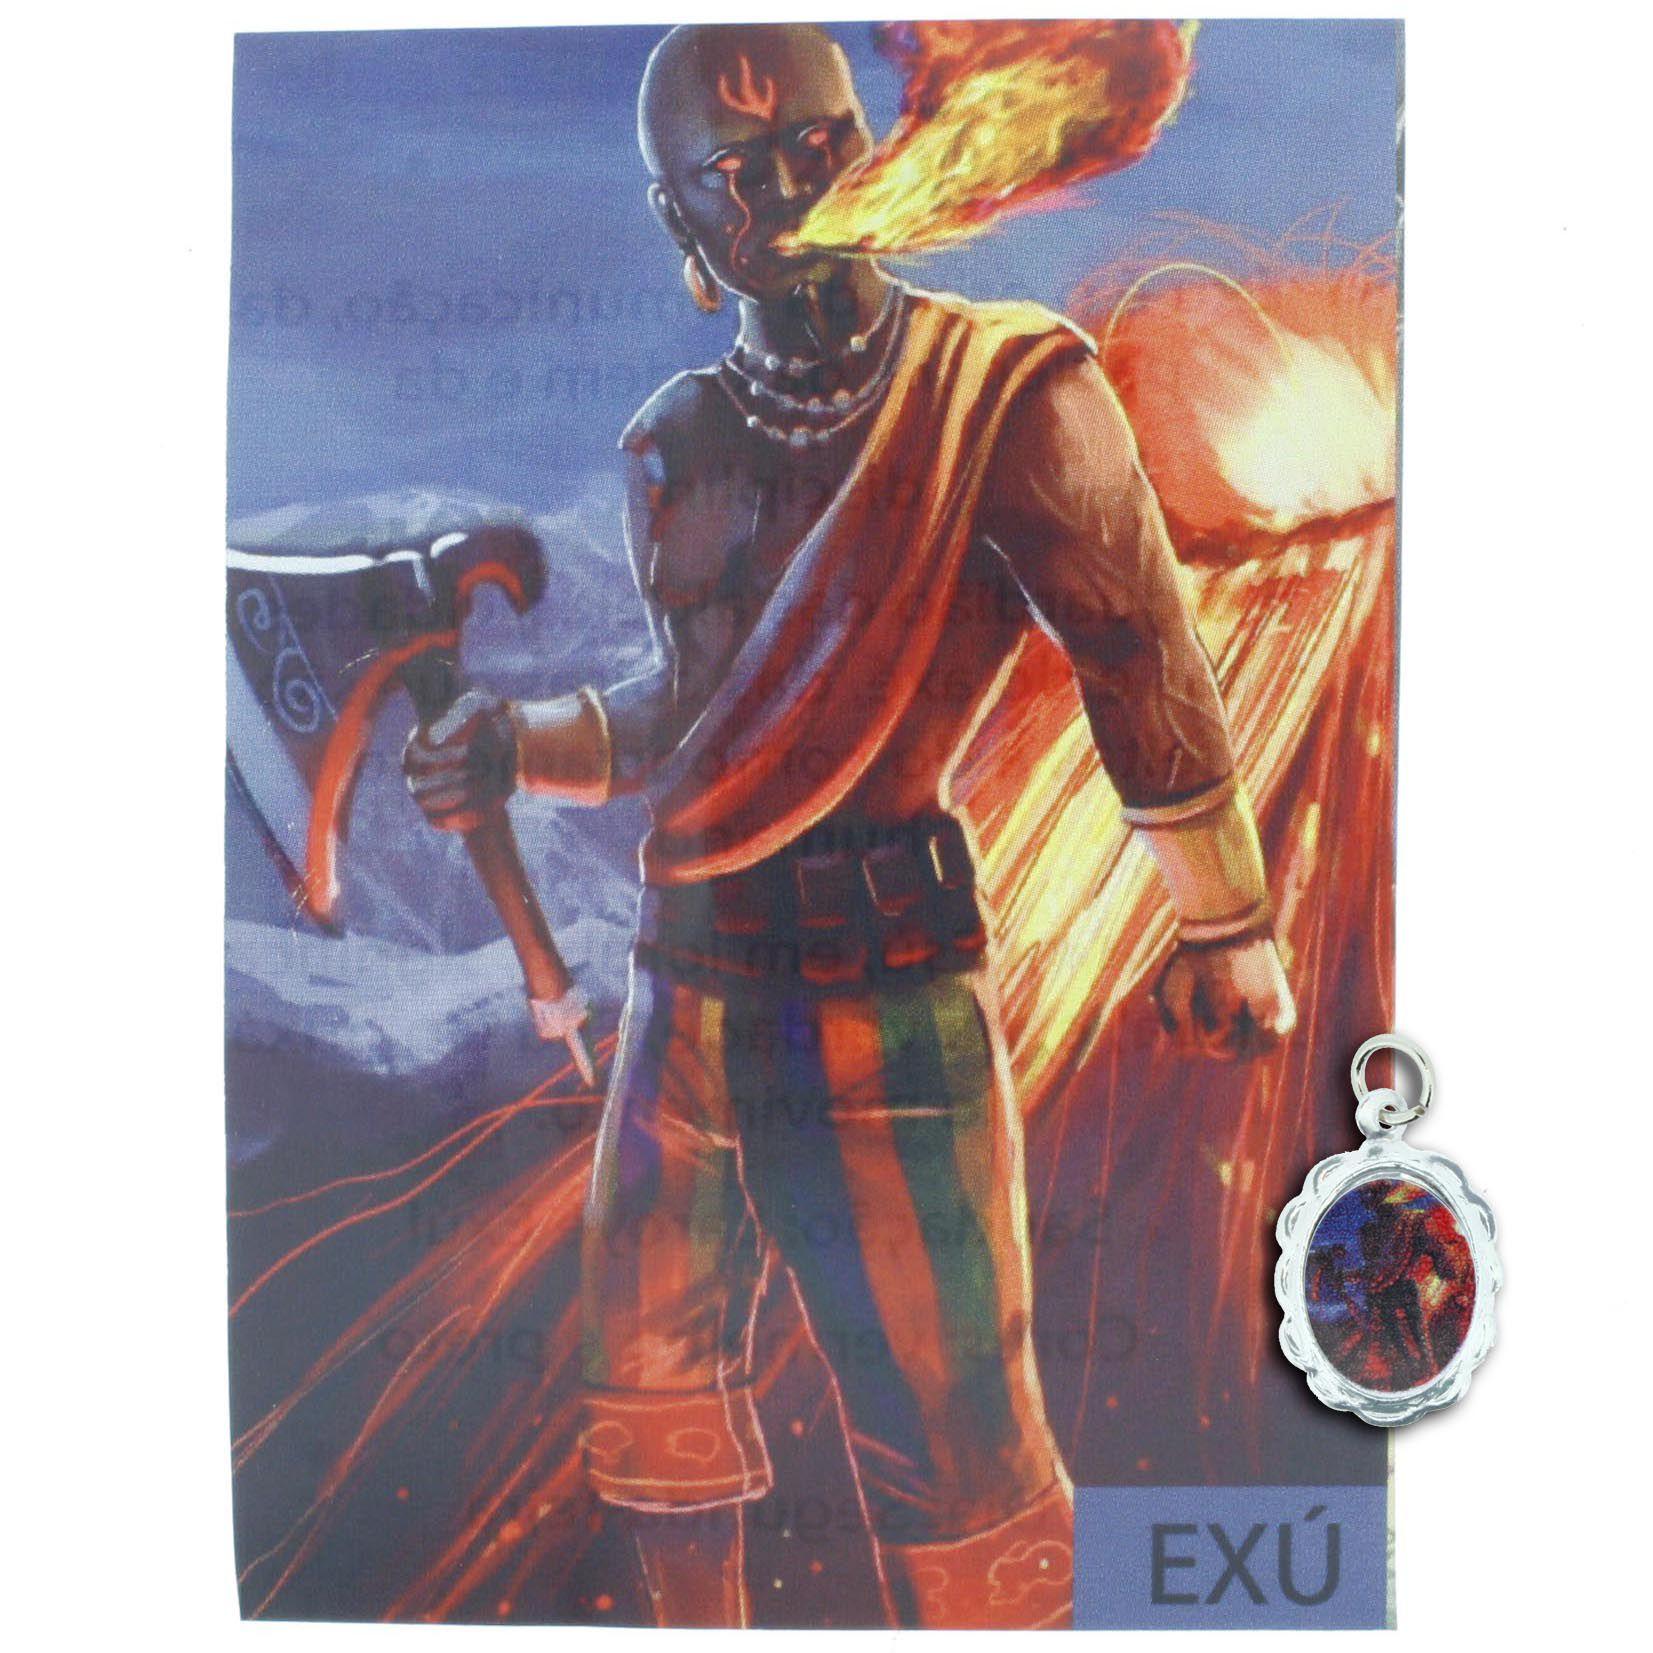 Medalha Exú + Folheto  - Universo Religioso® - Artigos de Umbanda e Candomblé